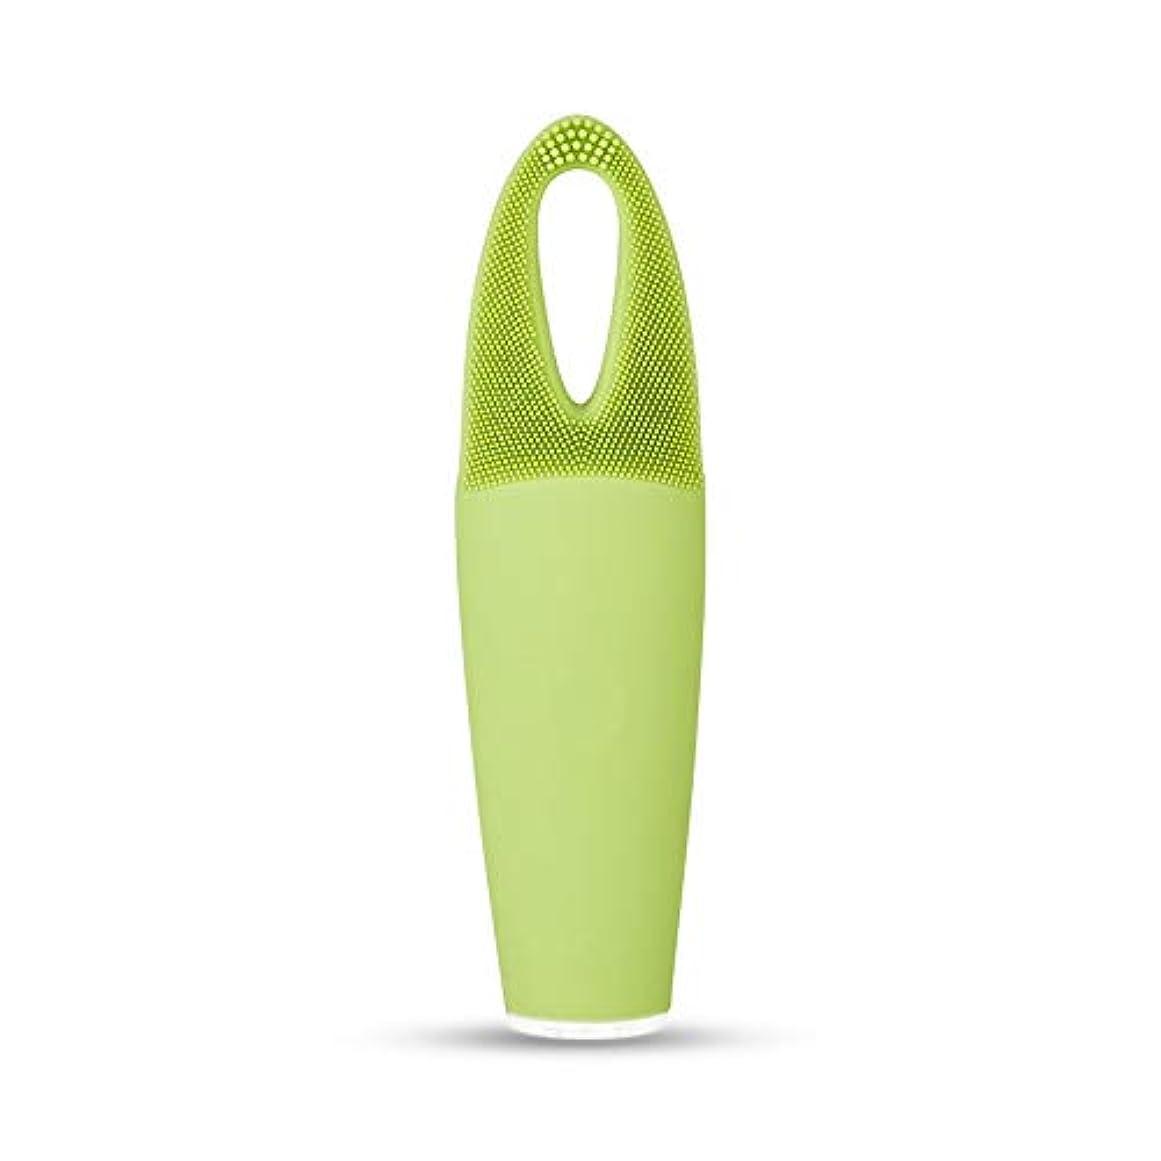 ペレグリネーション武器白鳥ZXF 電気防水両面クレンジングブラシ超音波振動シリコーンクレンジング楽器敏感な筋肉洗浄器具美容器具マッサージ器具 滑らかである